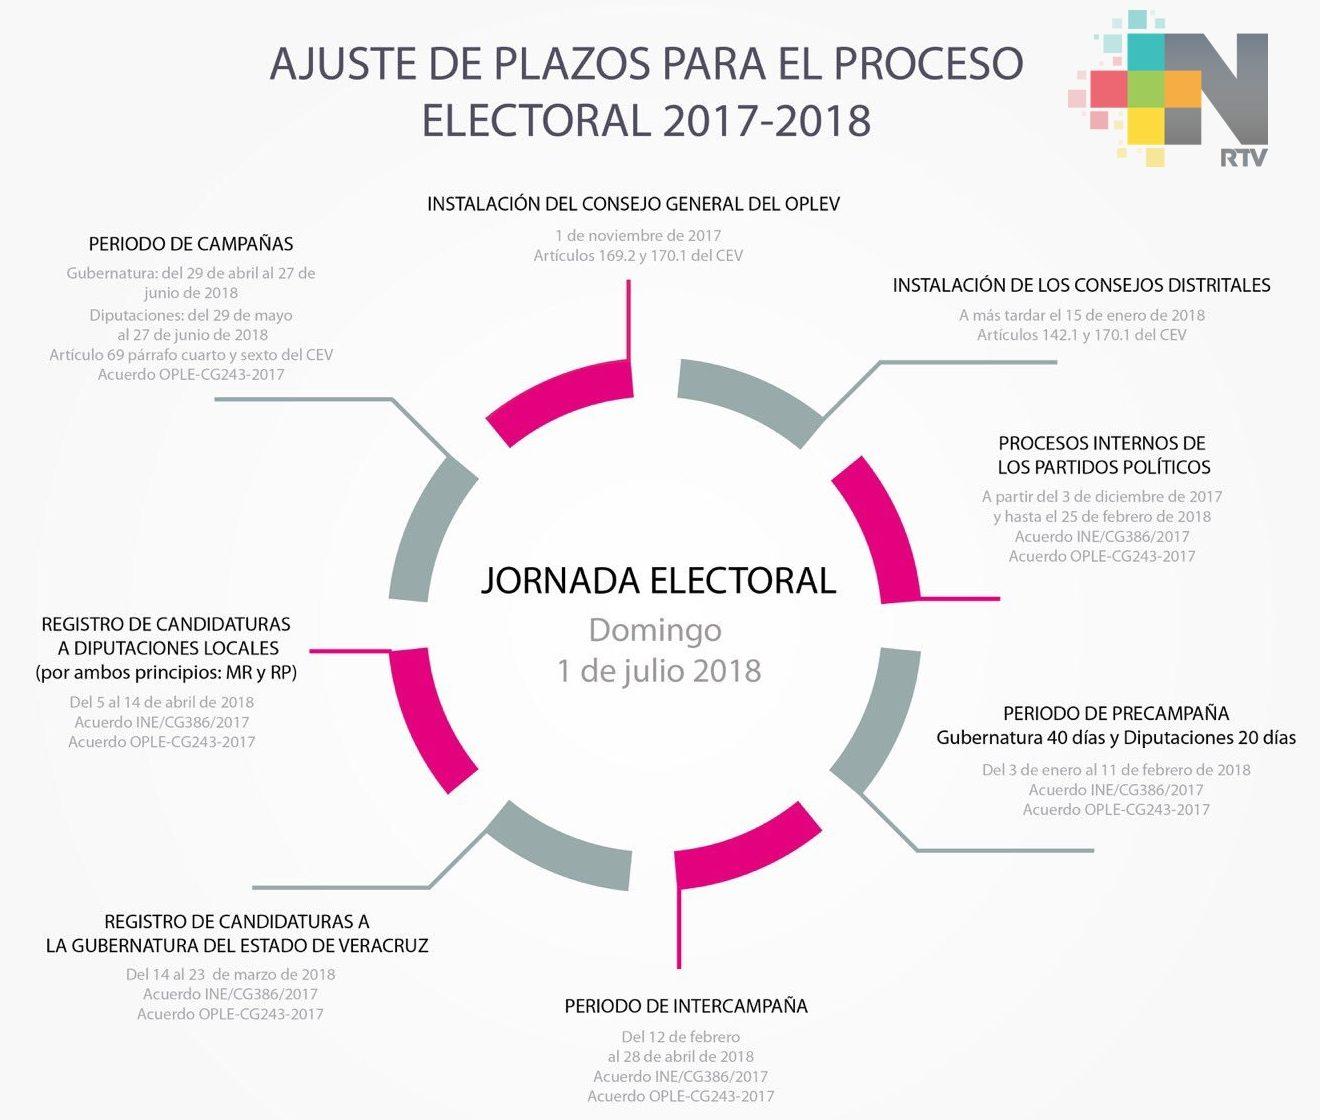 Dan a conocer ajustes de plazos para el proceso electoral 2017-2018